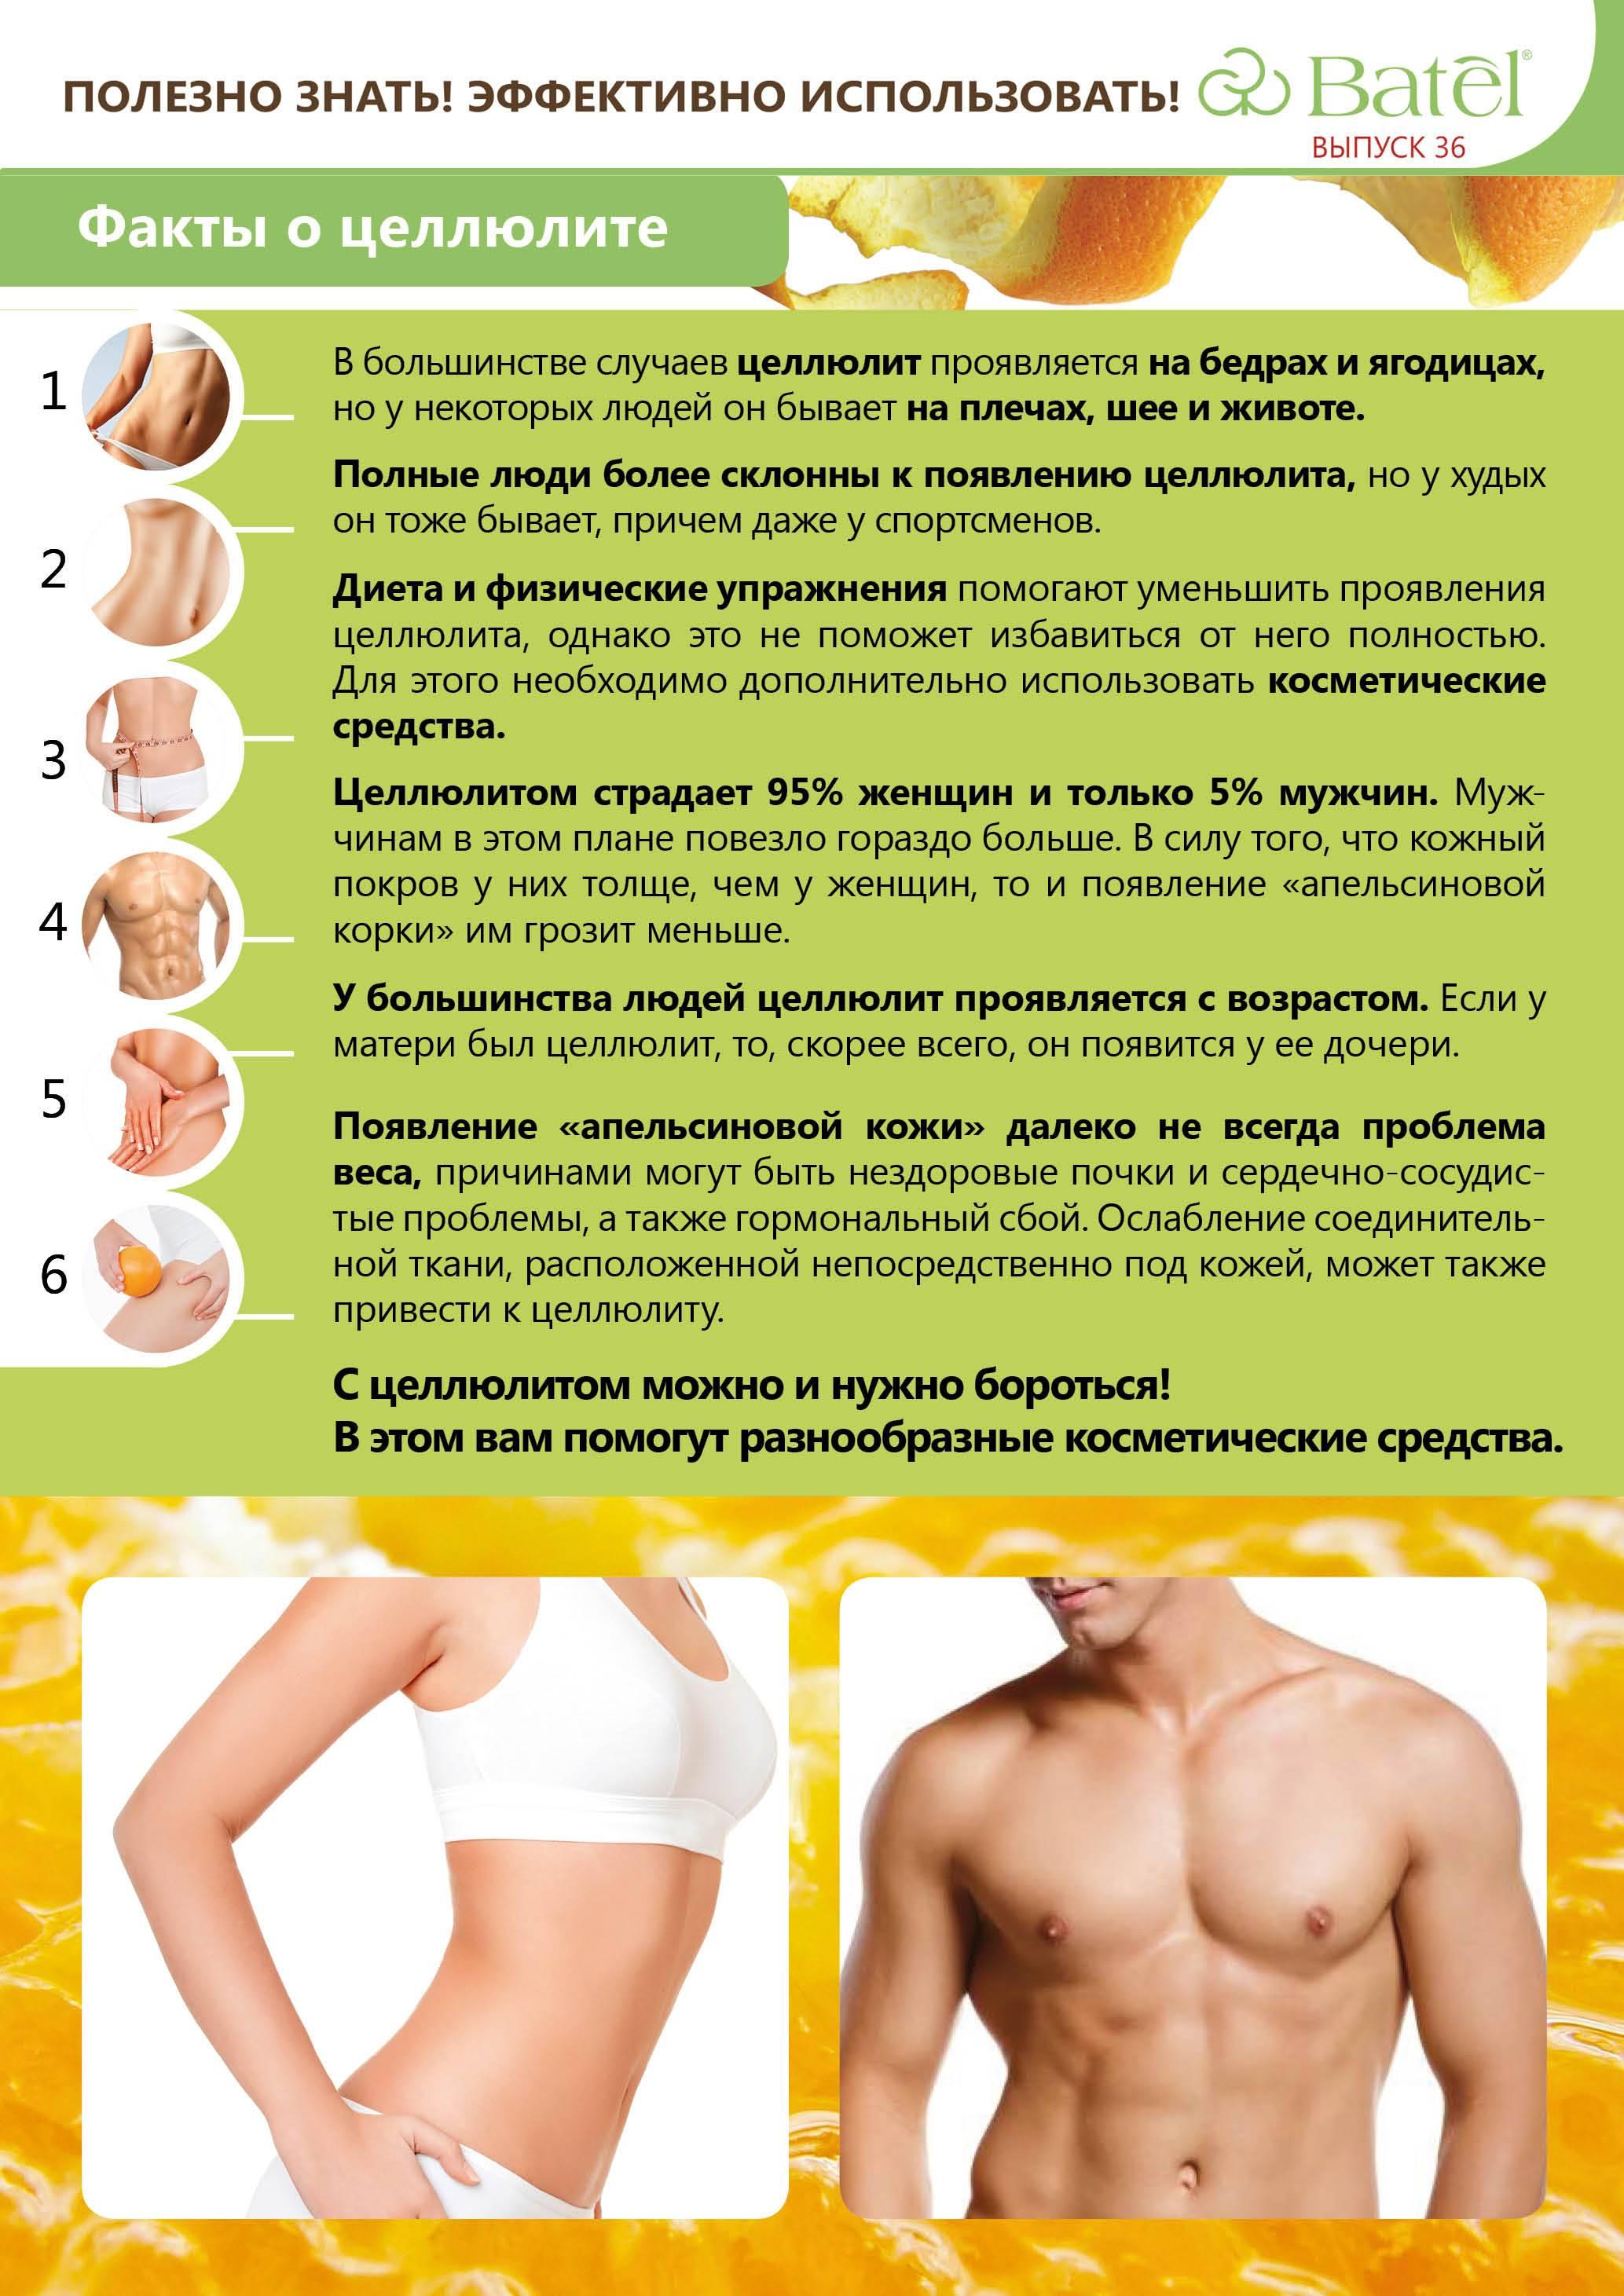 Салонные процедуры от целлюлита